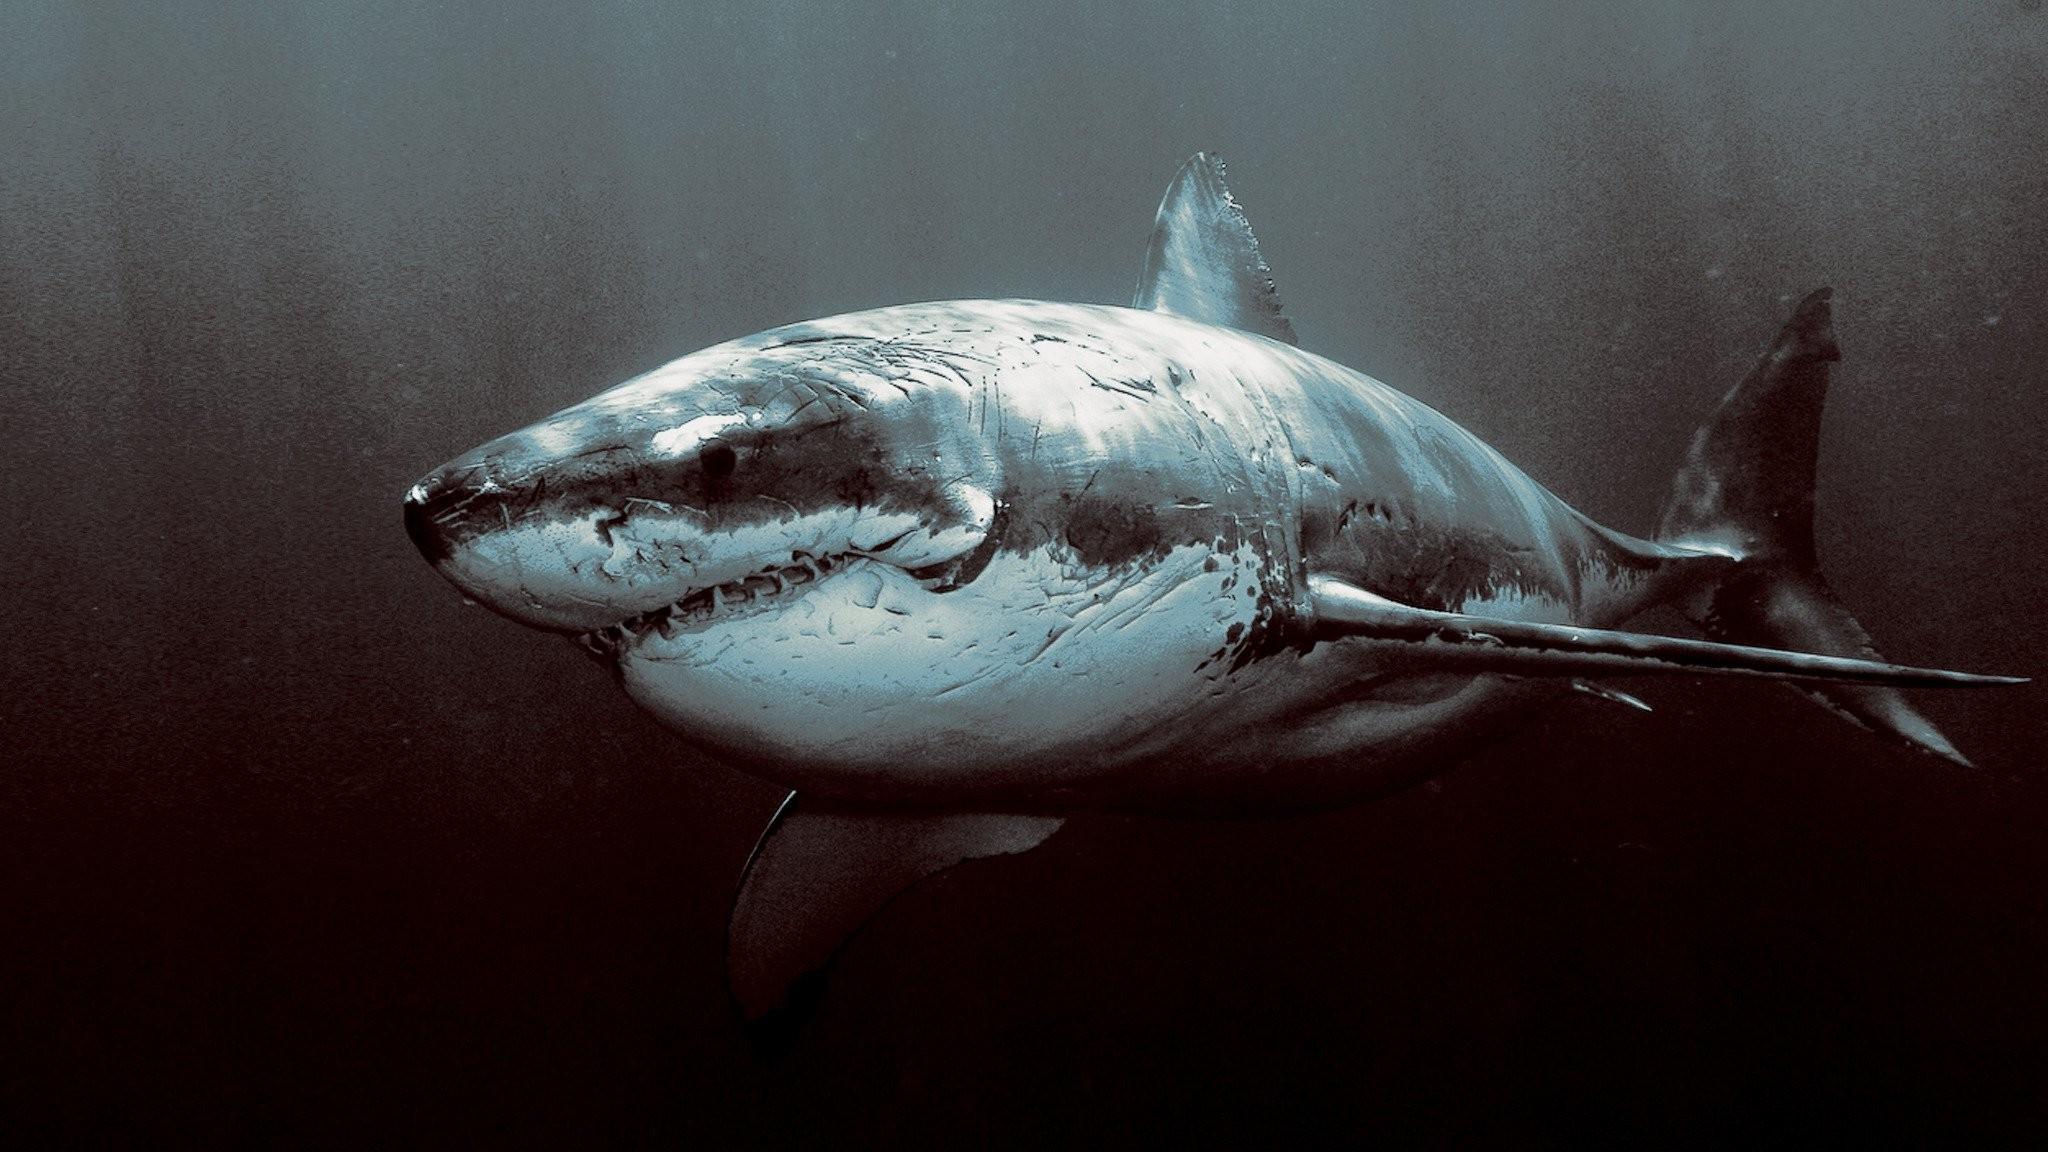 Fondos De Pantalla Oscuro Pescado Submarino Gran